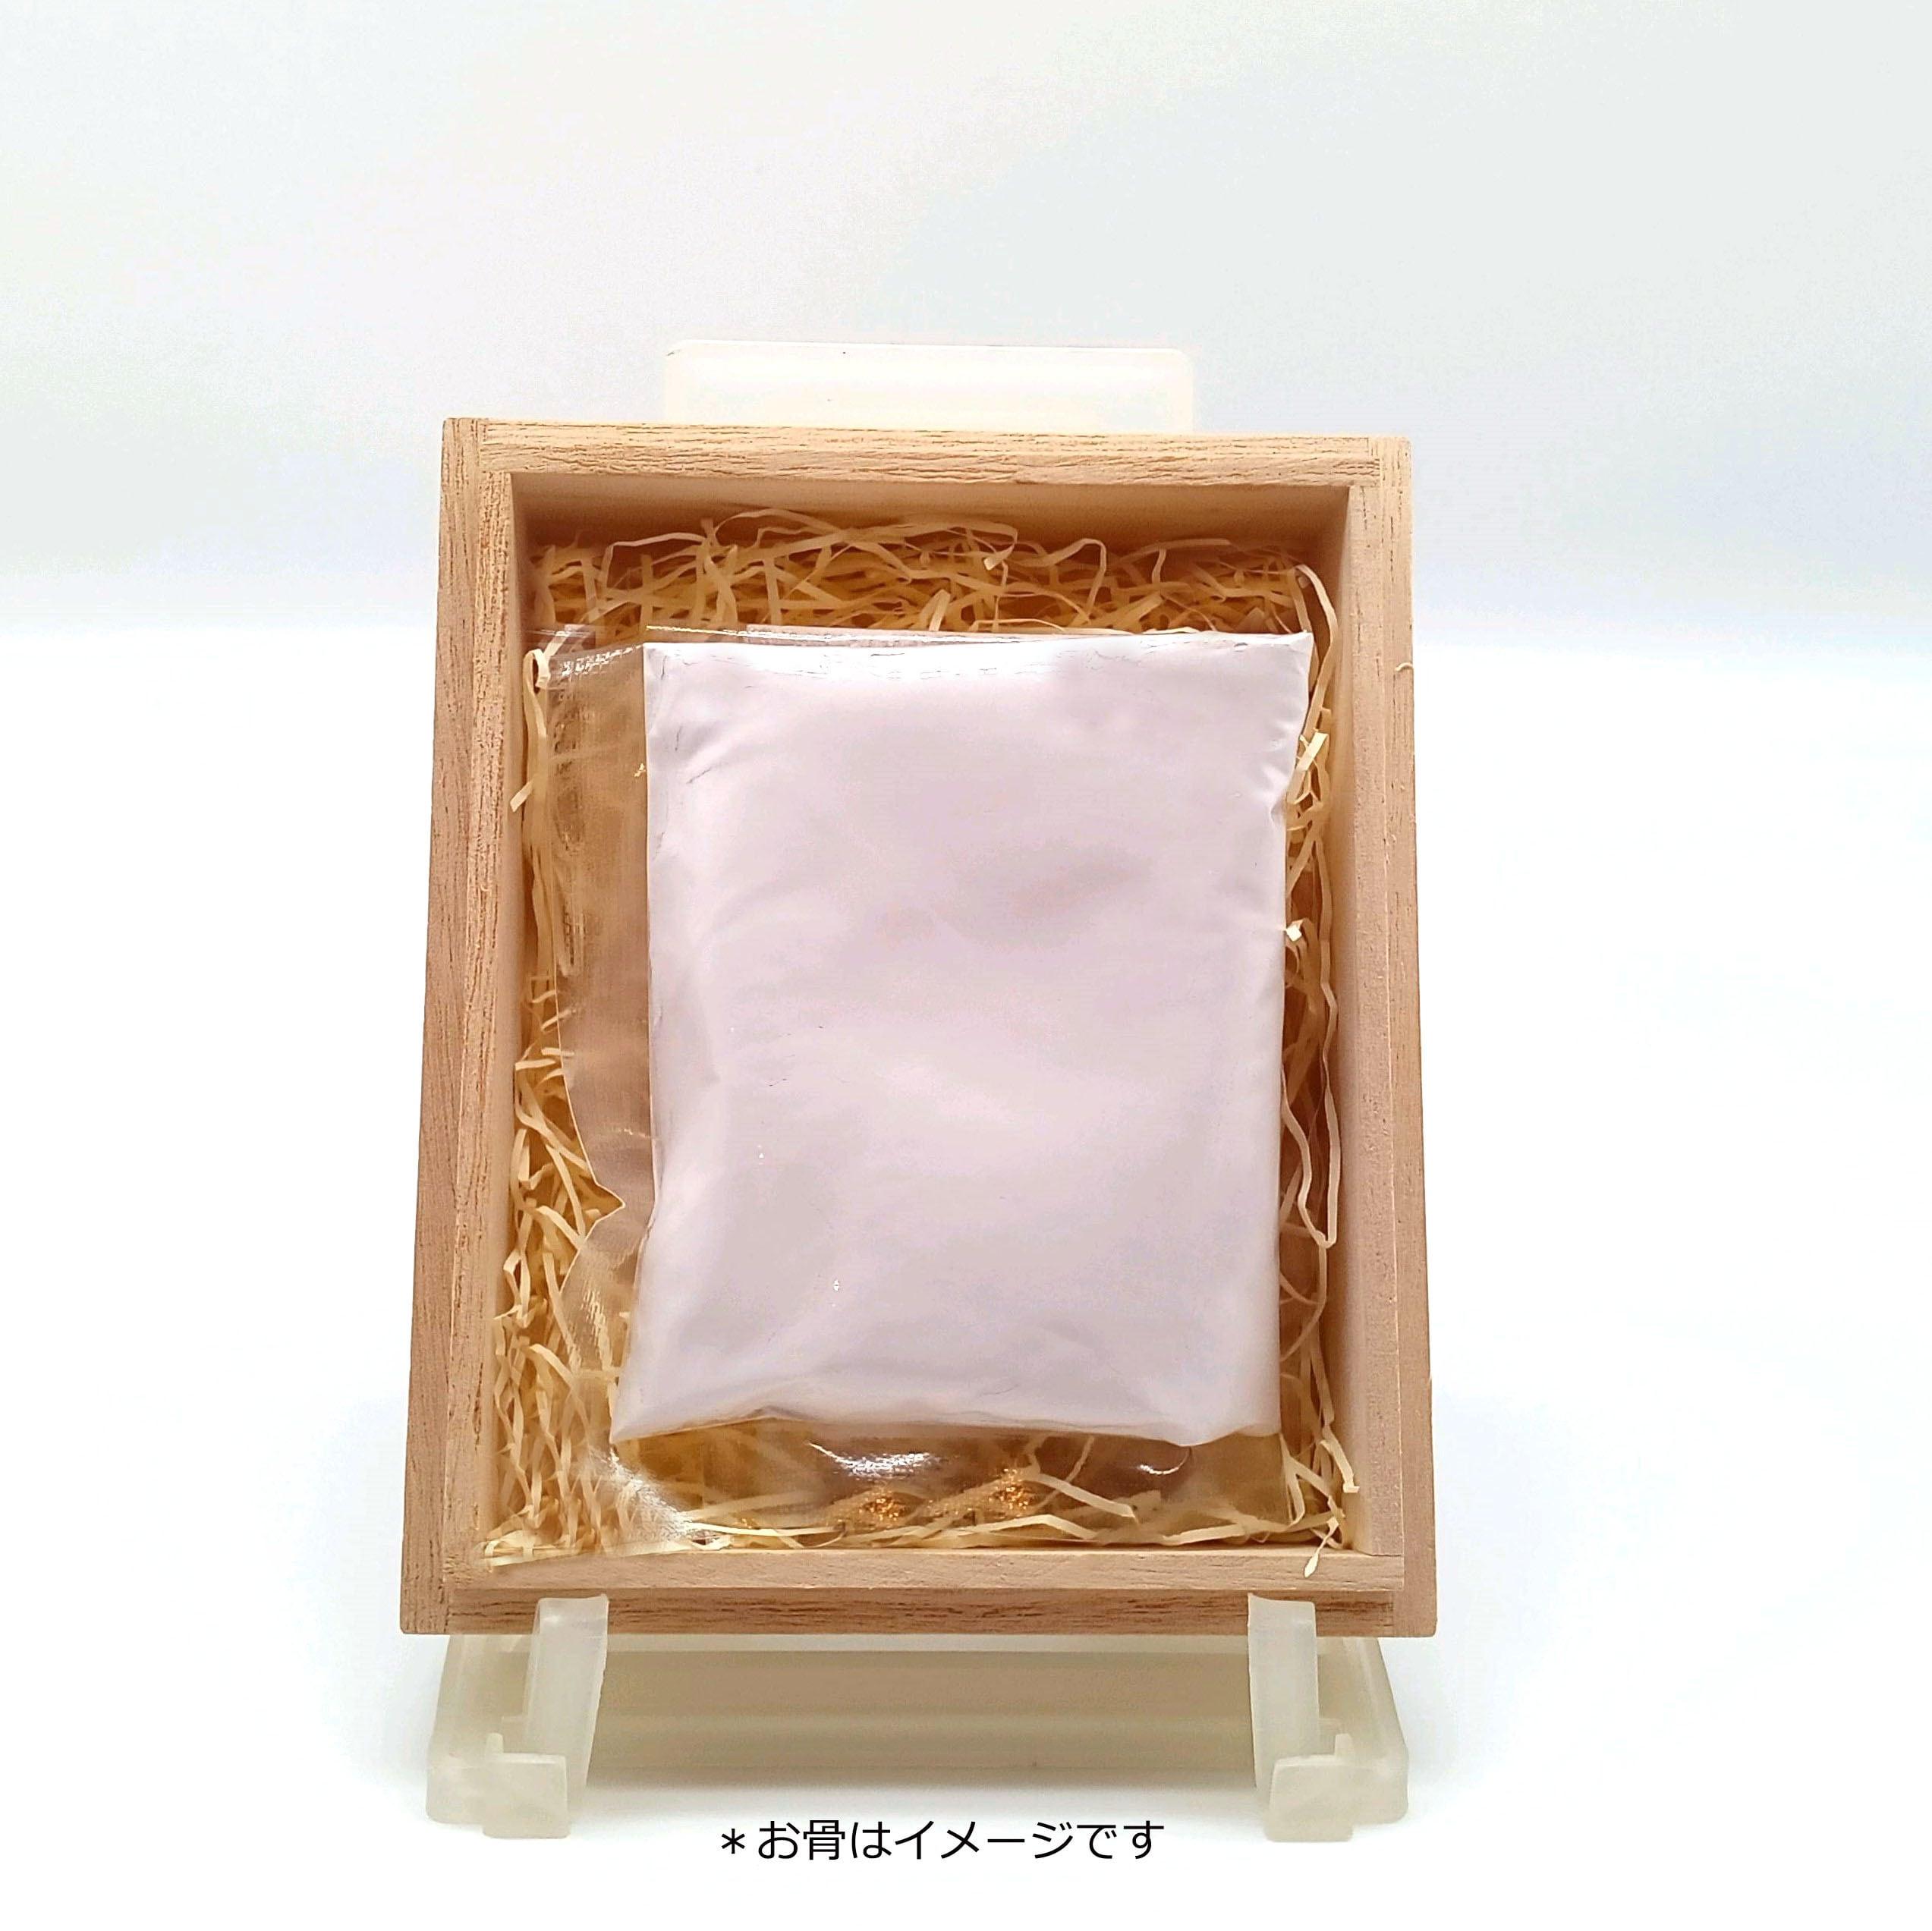 粉骨(真空パック包装) 2.5寸〜7寸(小動物・猫・小型犬〜大型犬サイズ)